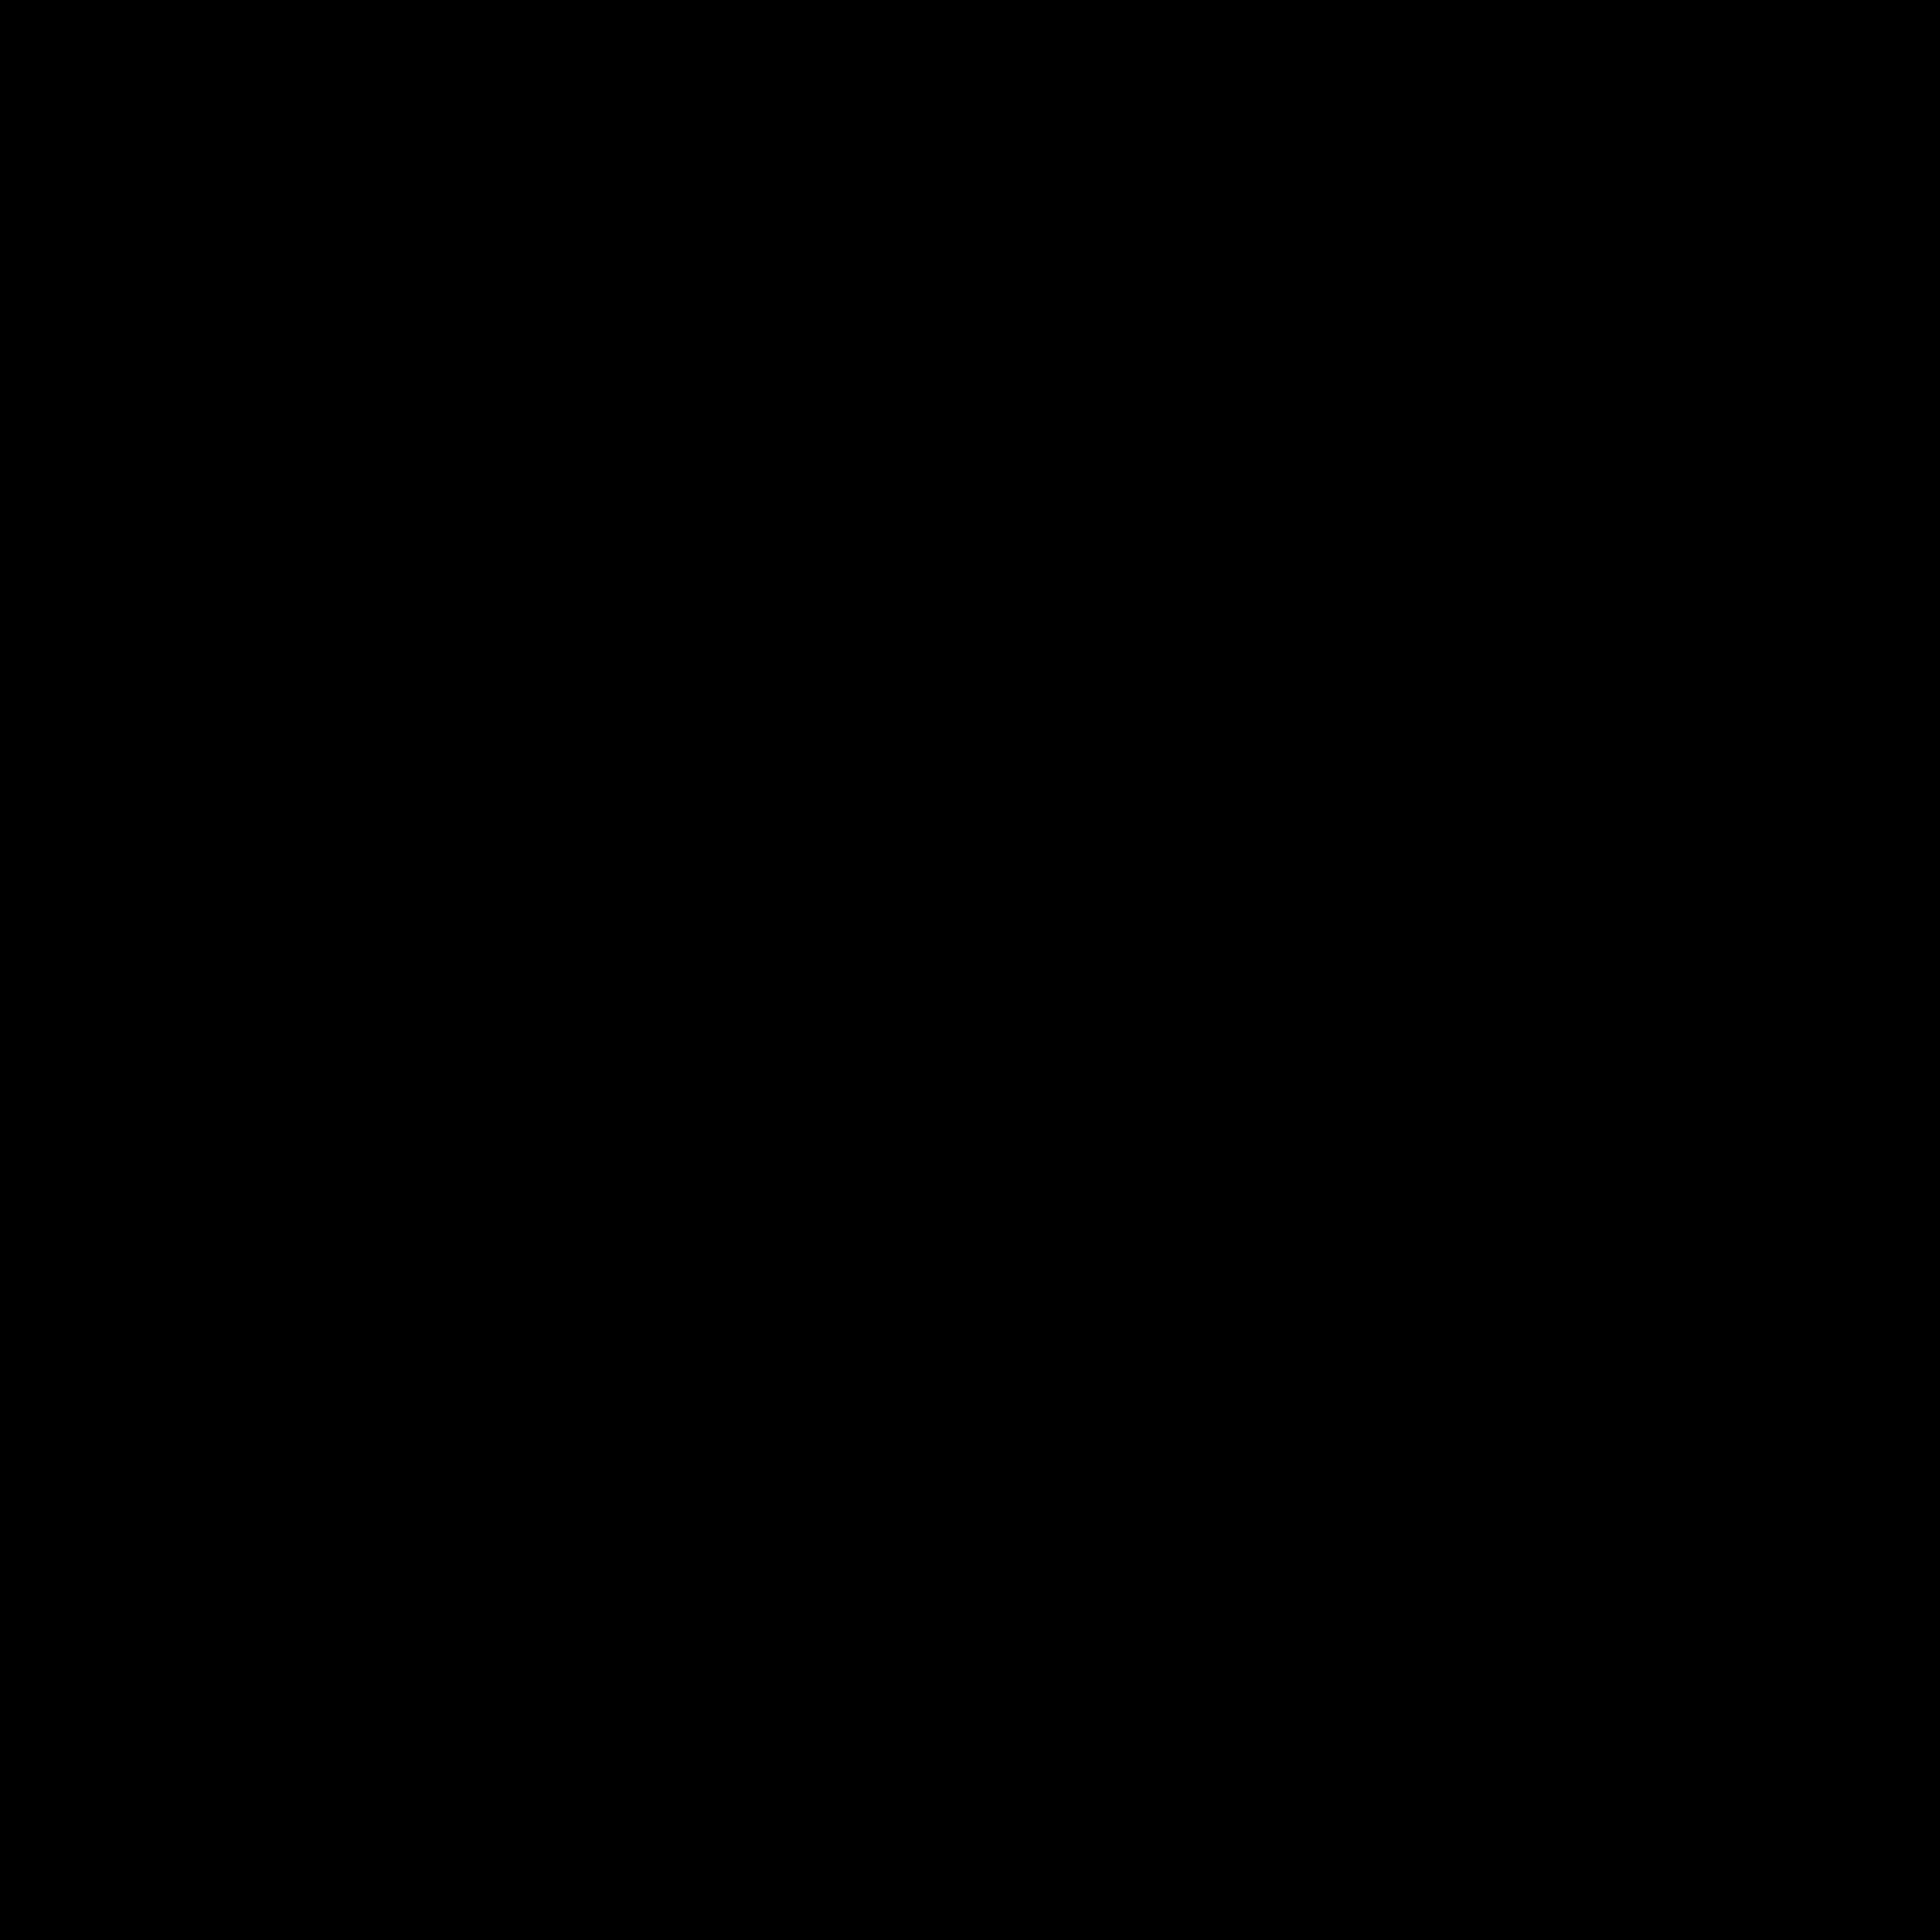 Anker Logo PNG - 97095